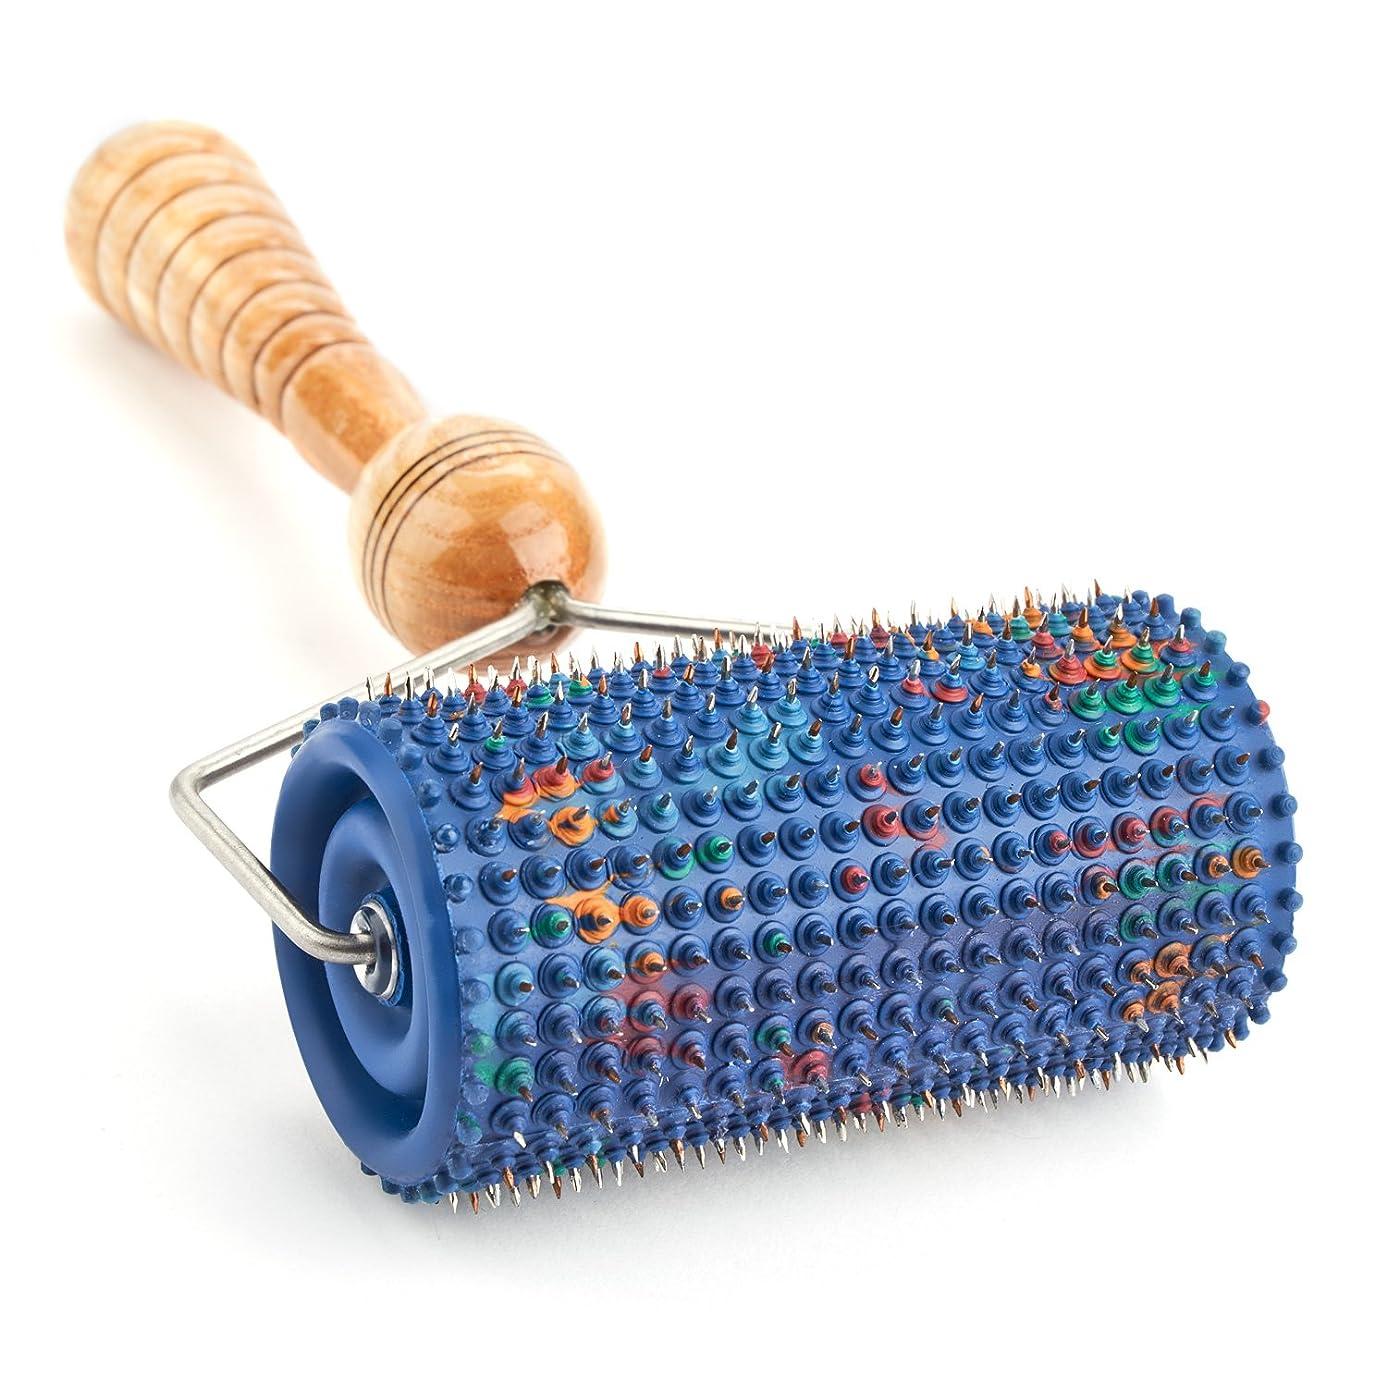 冷蔵するアナニバー地獄LYAPKOビッグローラーマッサージャー5.0 シルバーコーティング 指圧570針使用。体の広範囲のマッサージ用。ユニークなアプリケーター治療 セルフ ダイナミック マッサージ ツール Big Roller Massager Acupuncture Applicator